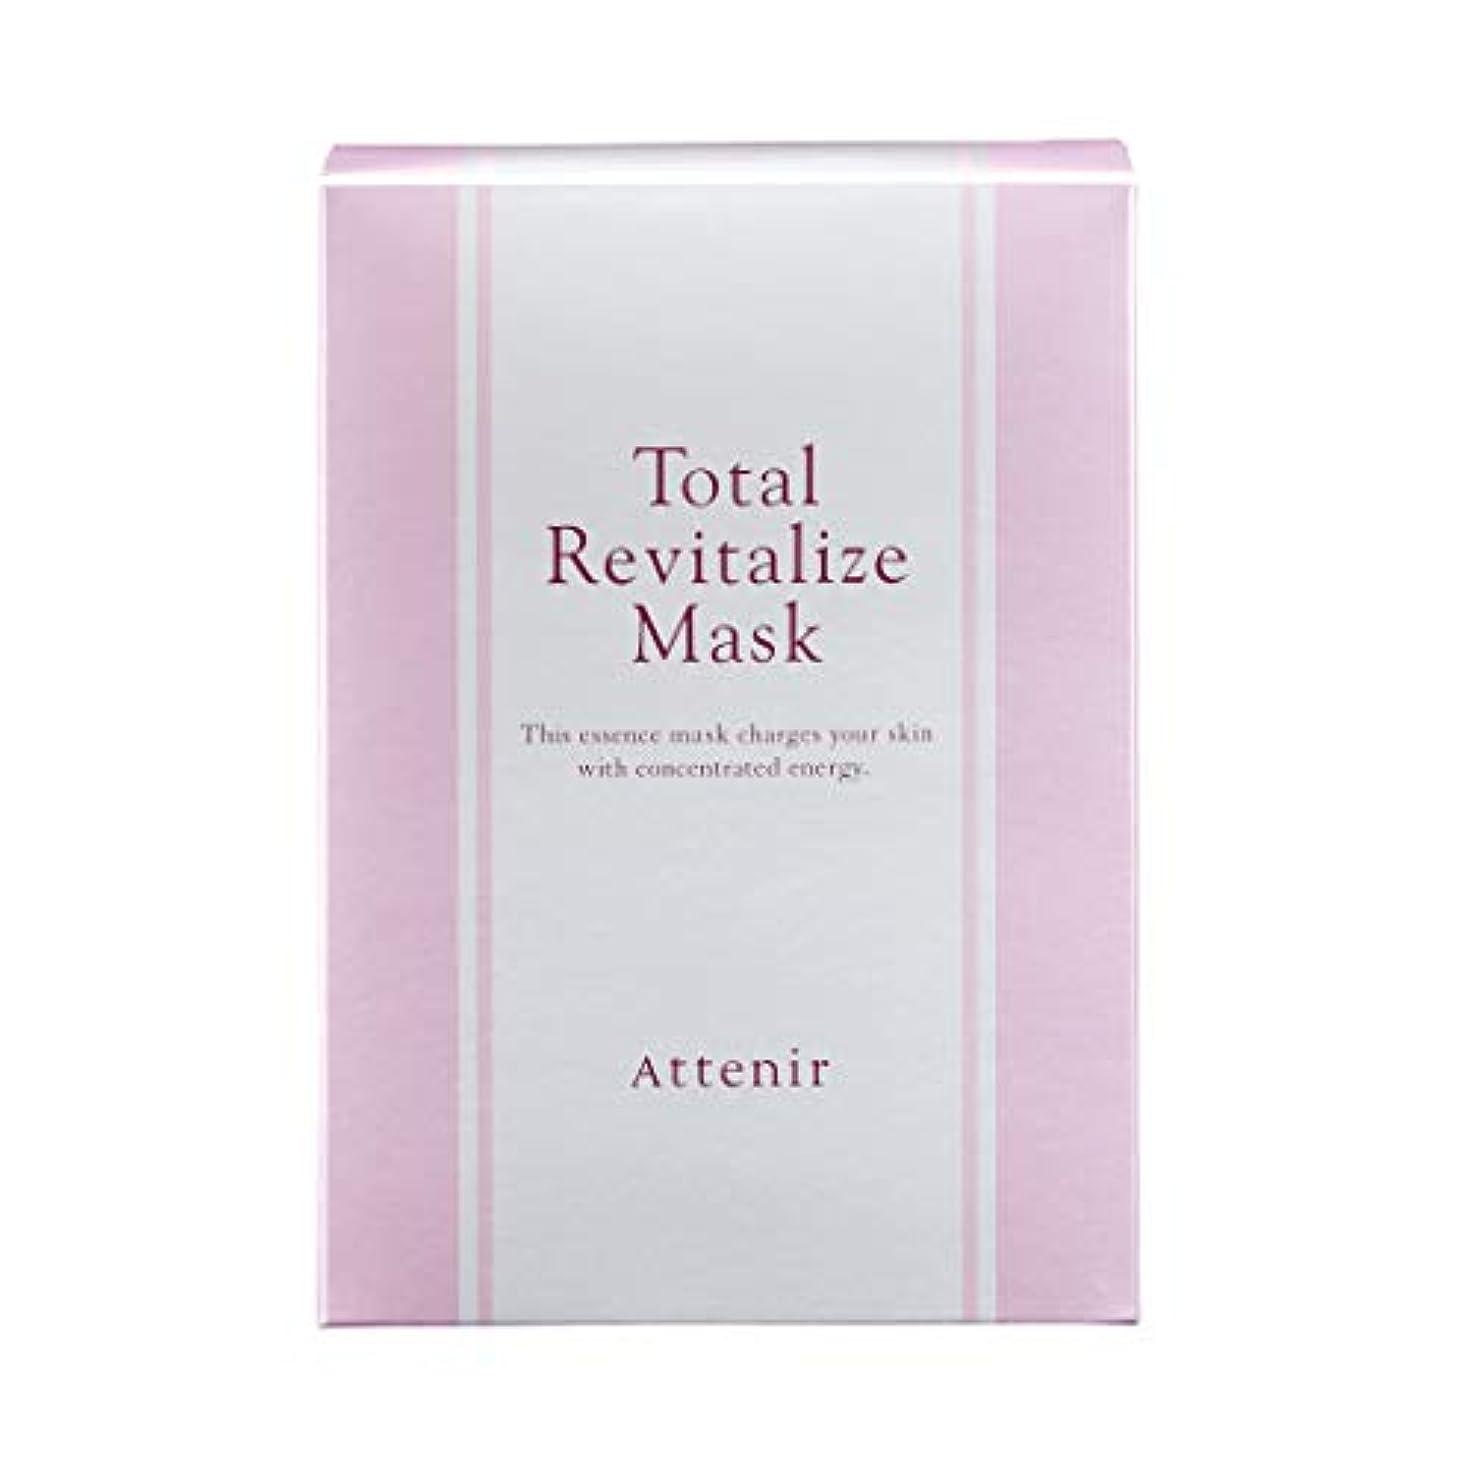 発明胚芽フリルアテニア トータルリヴァイタライズ マスク肌疲労ケアシートマスク 全顔用 6包入り フェイスパック